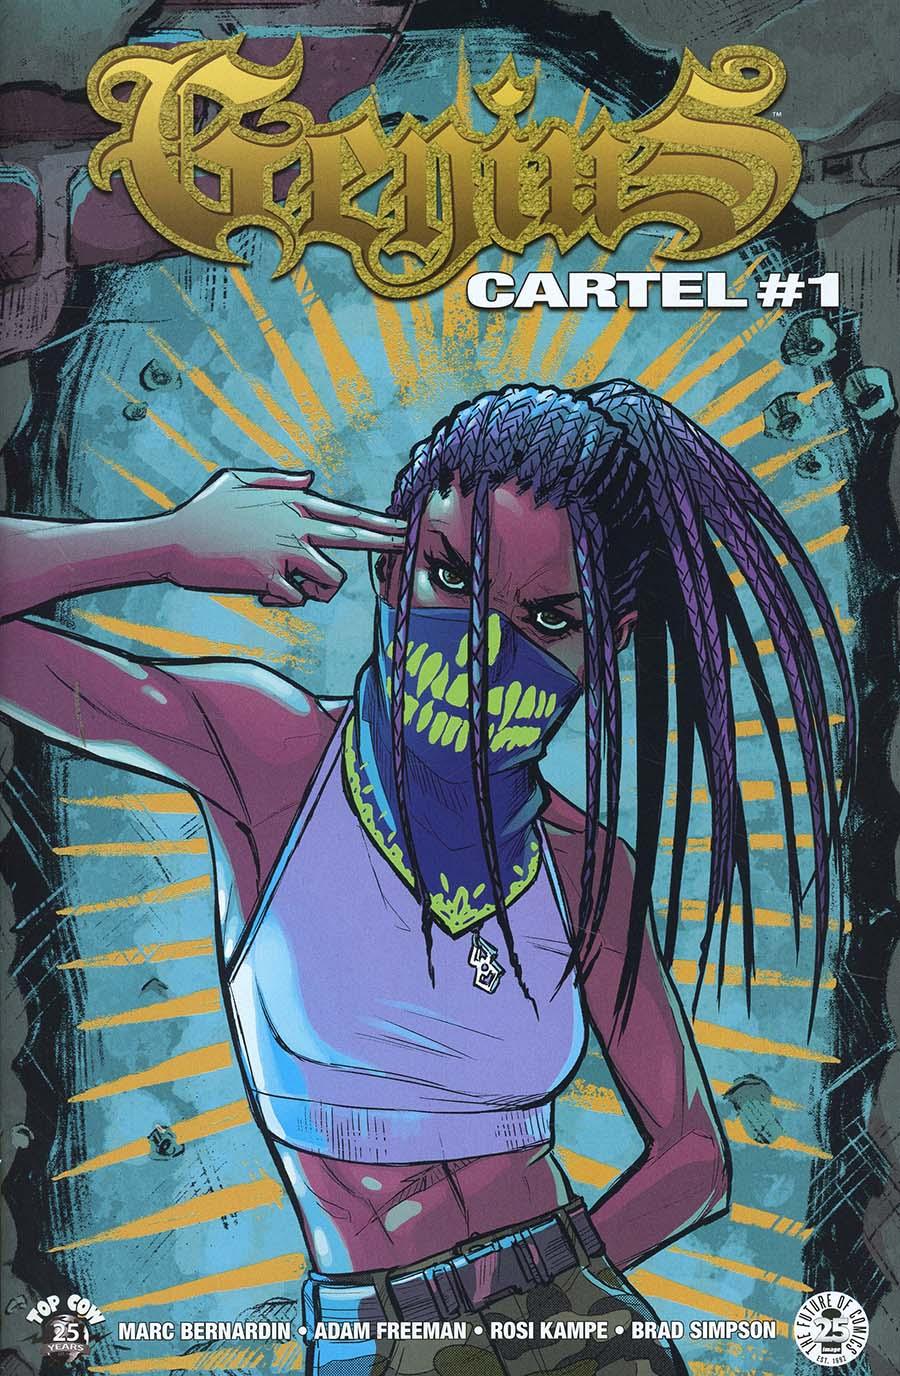 Genius Cartel #1 Cover A Regular Rosi Kampe Cover